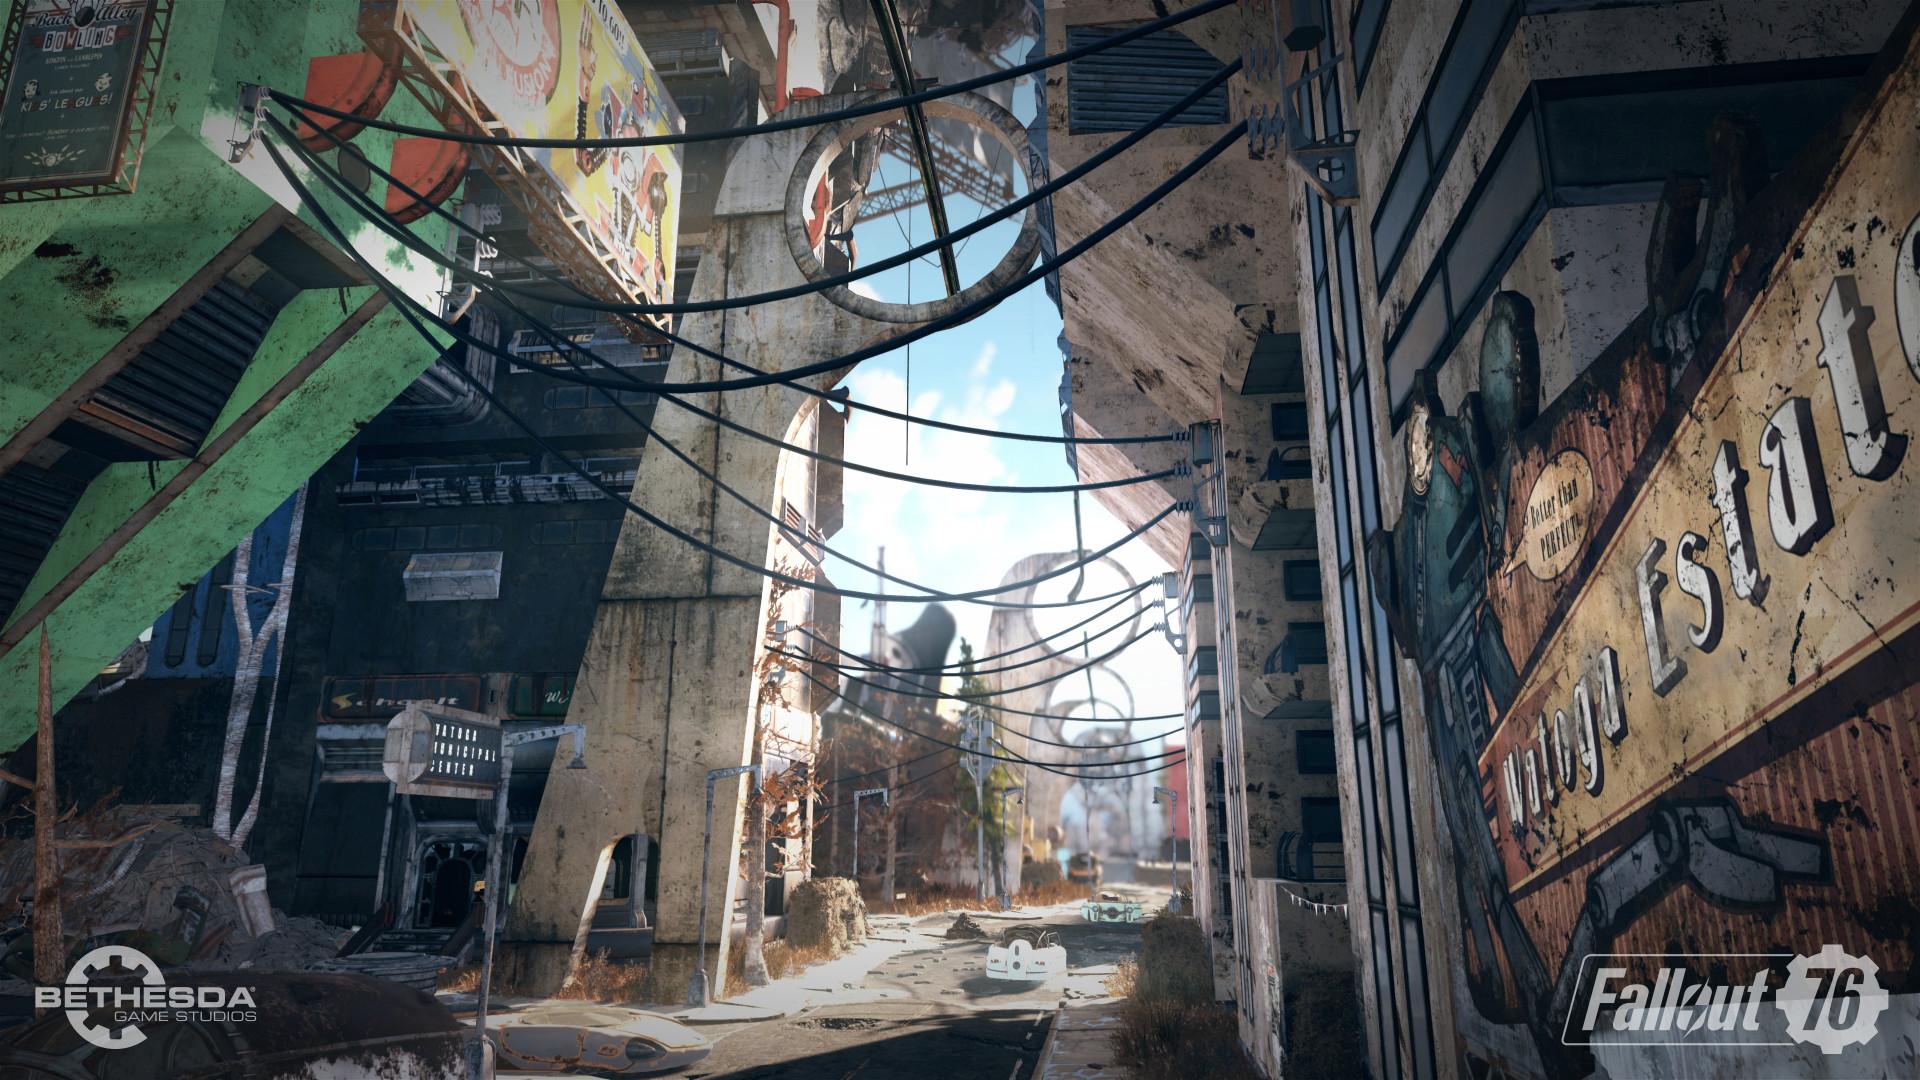 Глава Bethesda: в Skyrim и Fallout 4 до сих пор играют миллионы, а в студии работает 400 человек